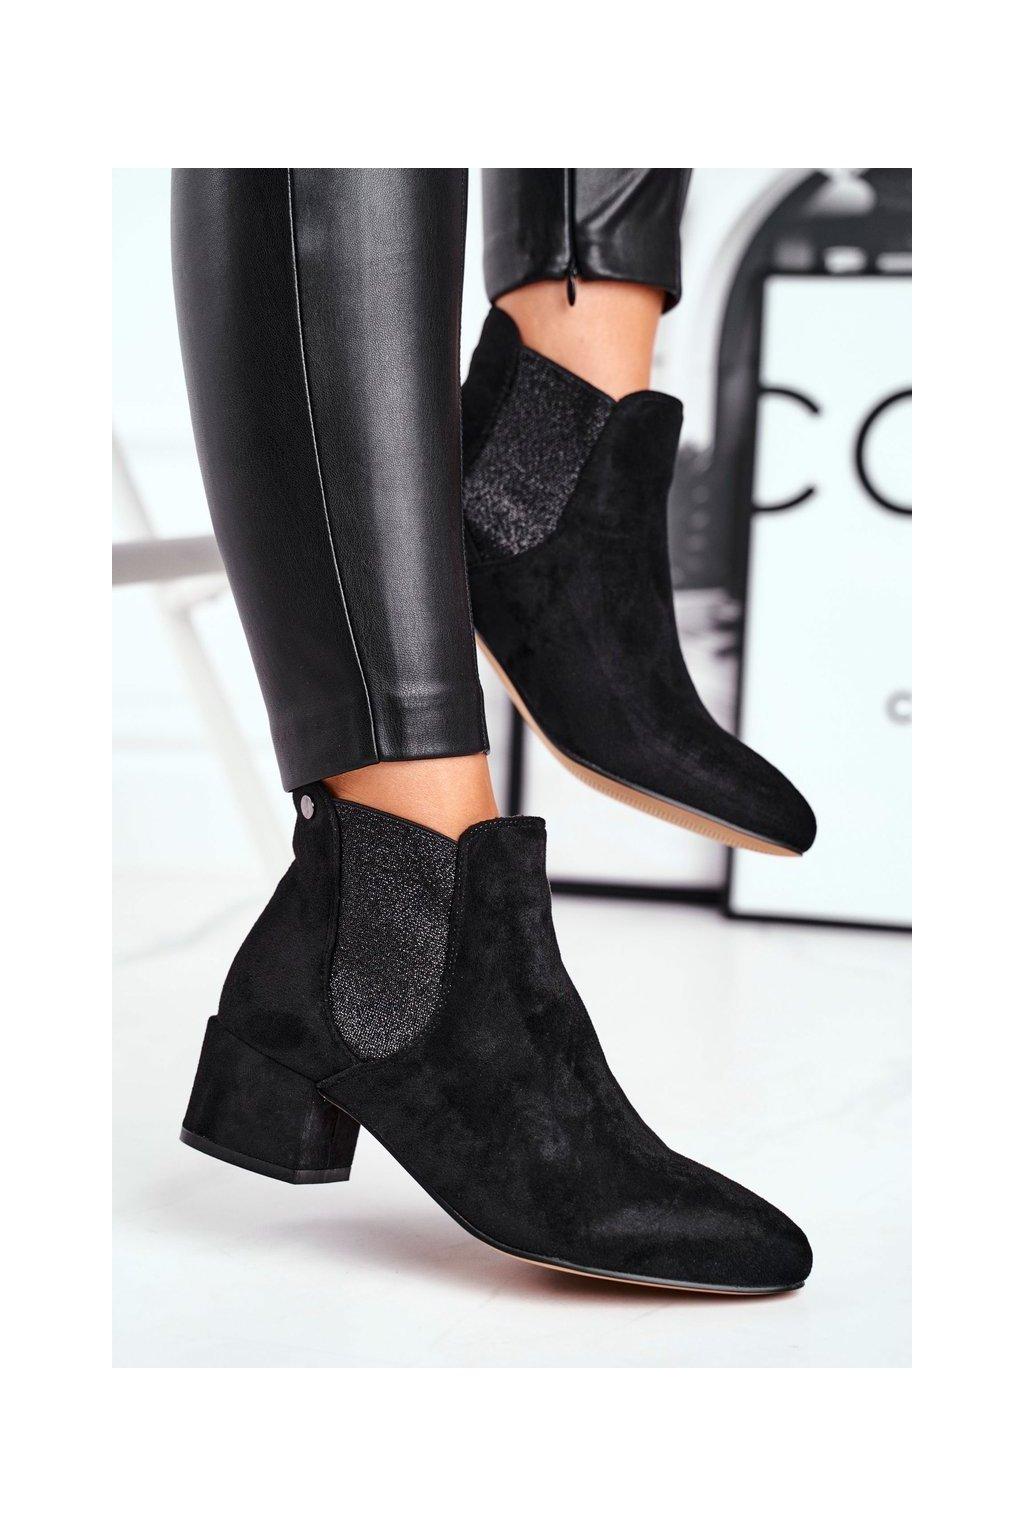 Členkové topánky na podpätku farba čierna kód obuvi B-6858 BLK